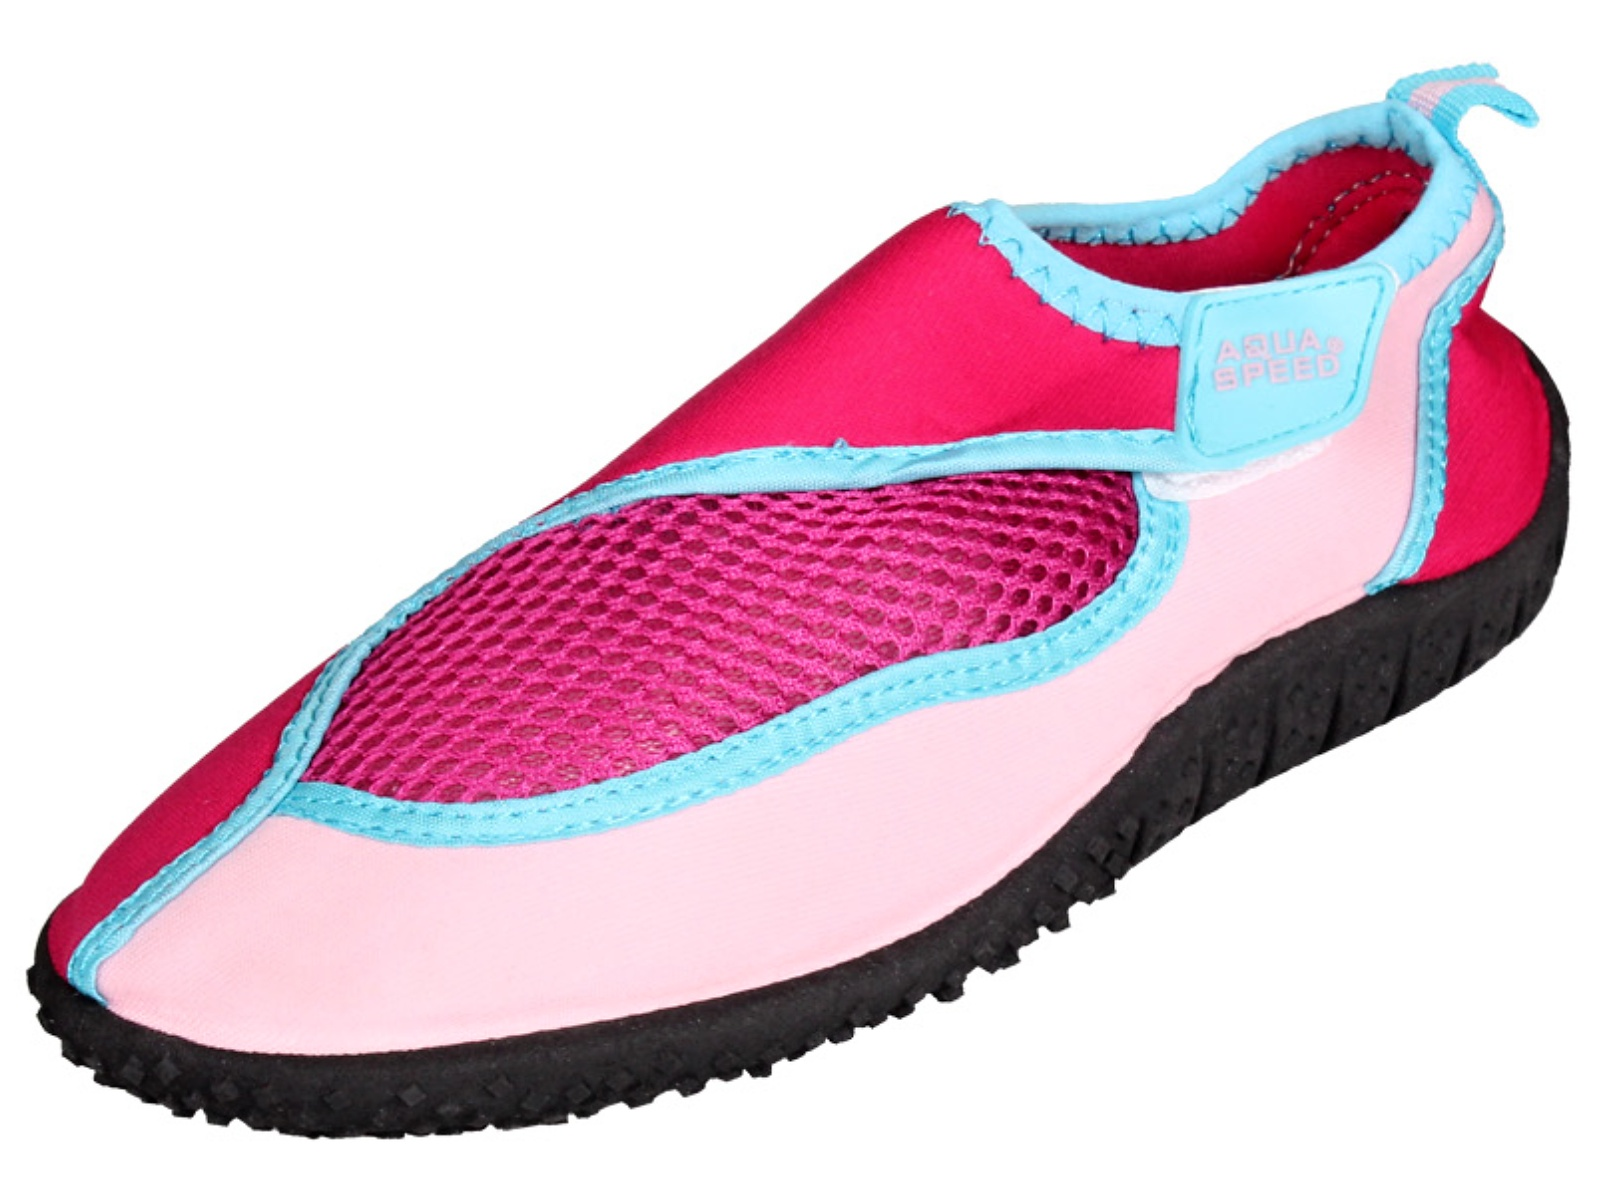 Topánky do vody AQUA-SPEED 26C detské ružové - veľ. 35